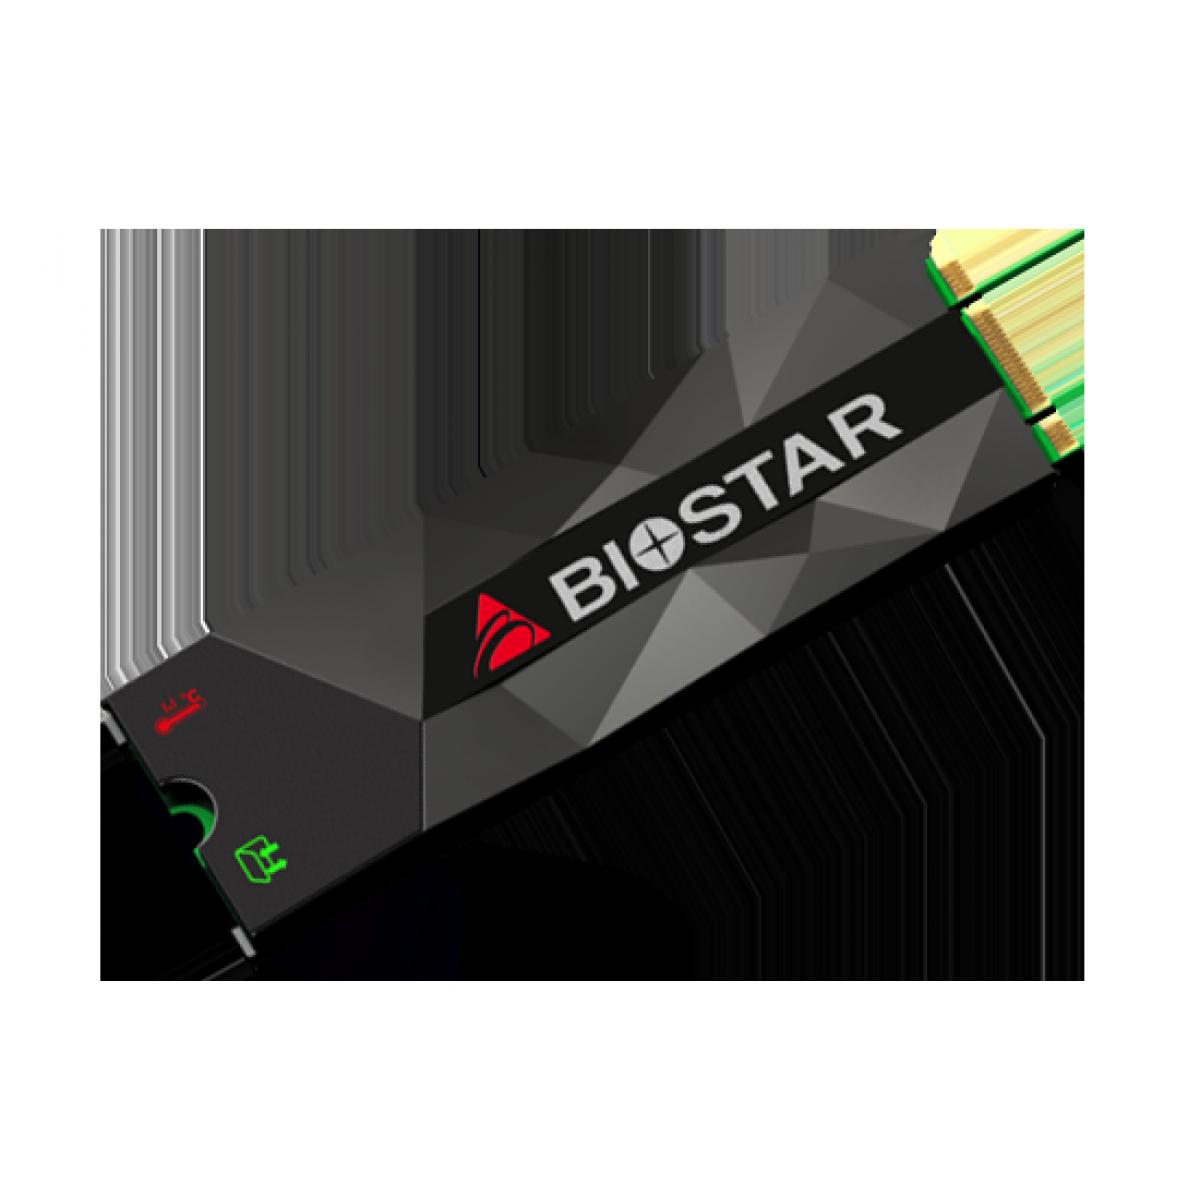 SSD Biostar M500, 512GB, M.2 NVME, Leitura 1700MBs e Gravação 1100MBs, SE160PM535-YT1BJ-BS2